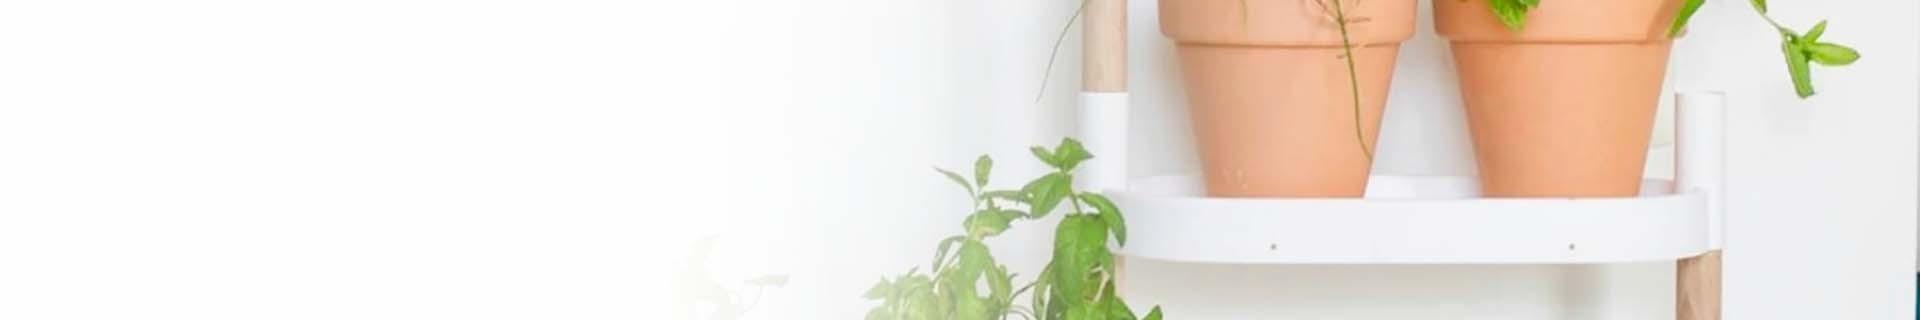 Pflanzenregal mit Zimmerpflanzen | CitySens